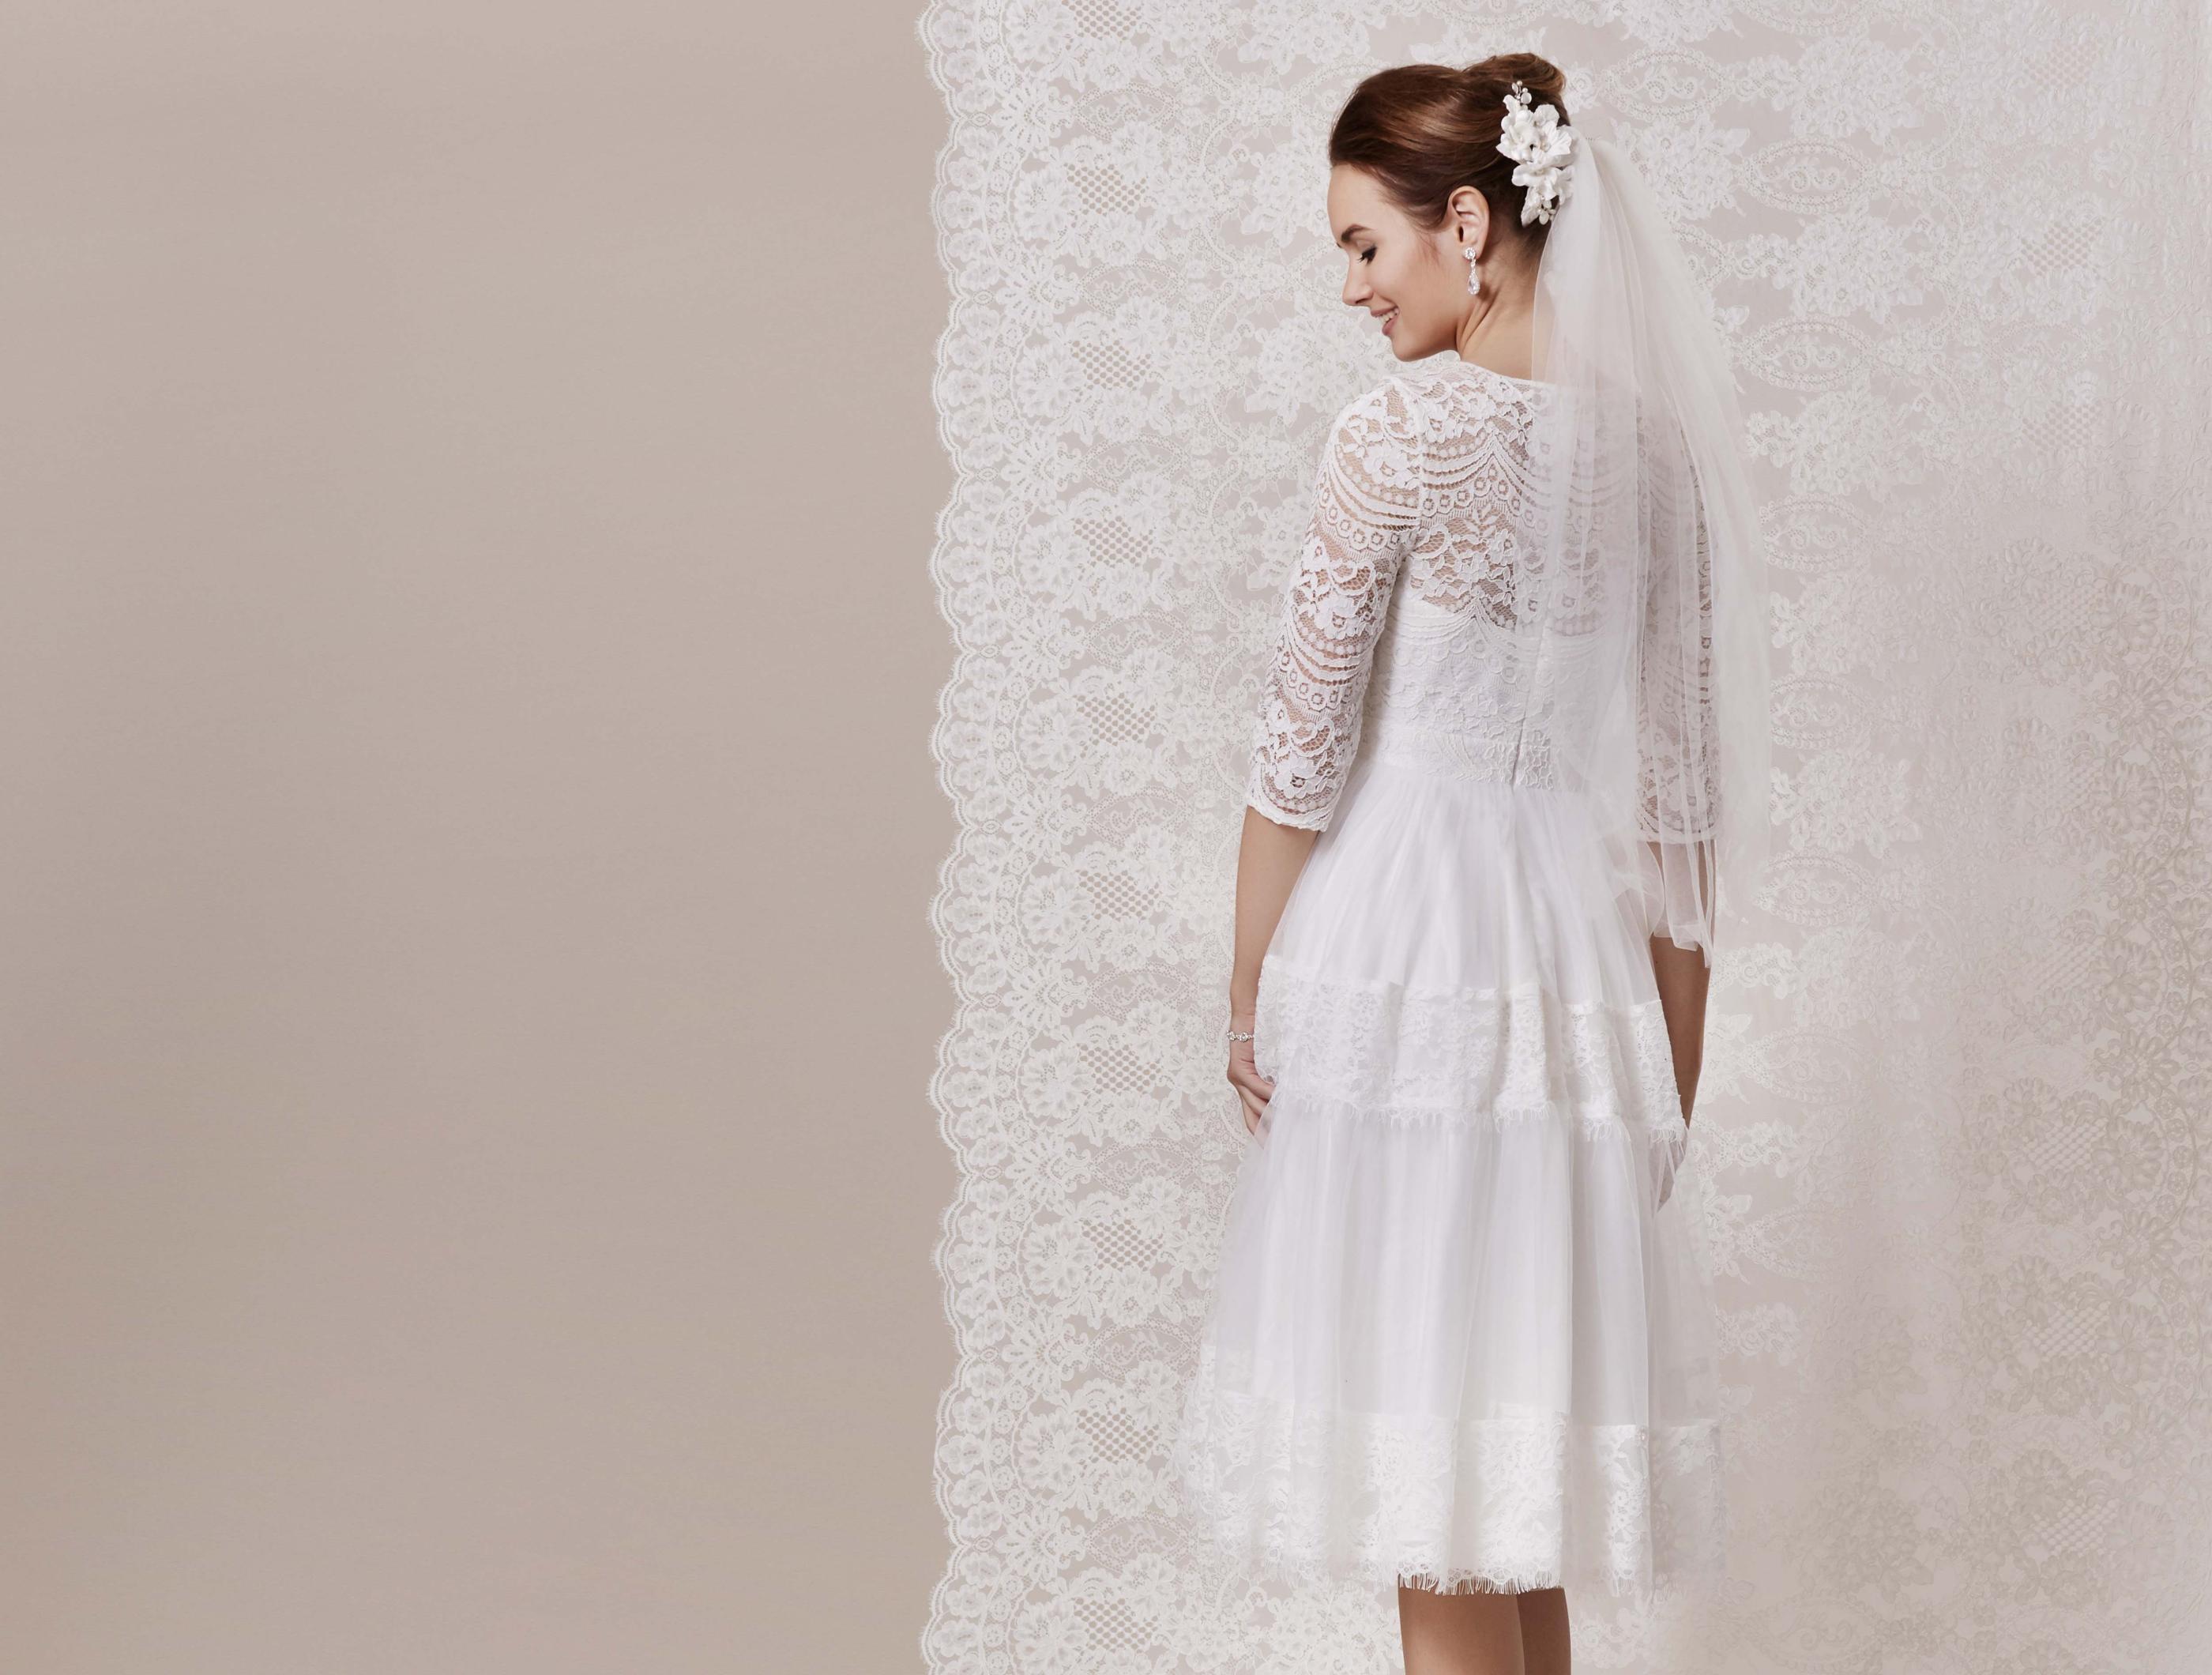 Spitzen Brautkleid Im Boho Stil